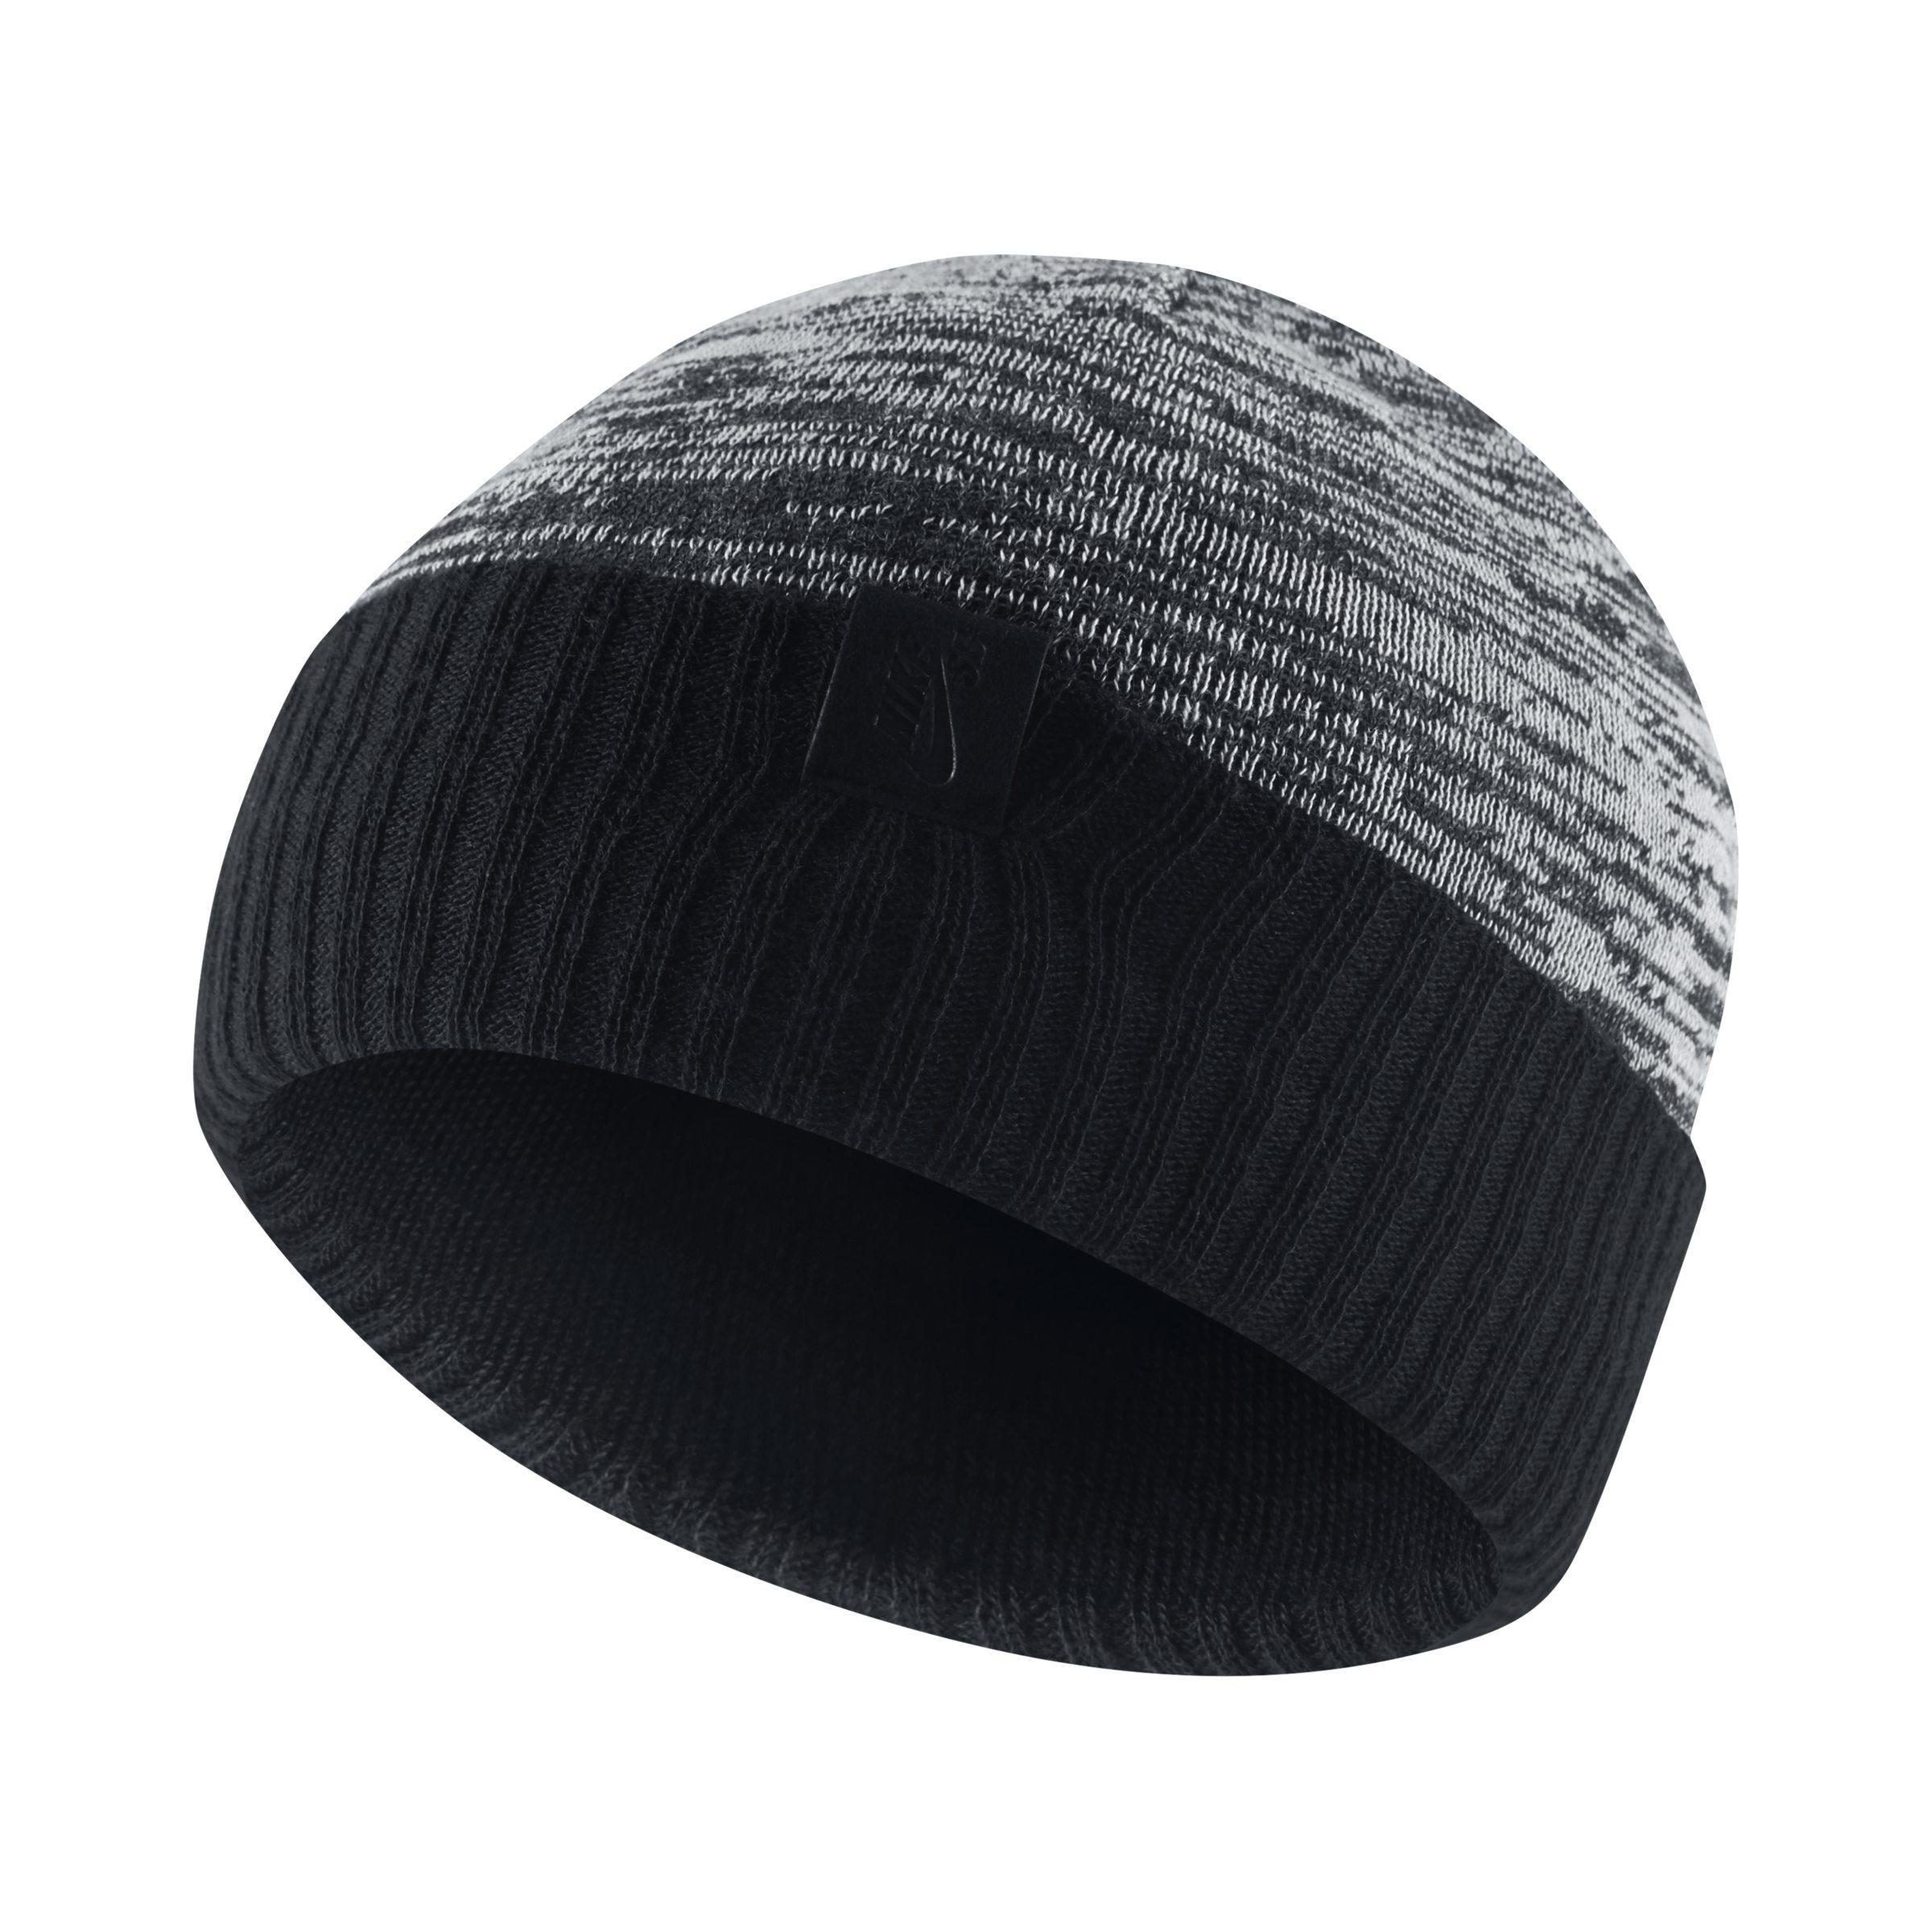 111058f9 Nike Sb Skate Beanie in Black - Lyst